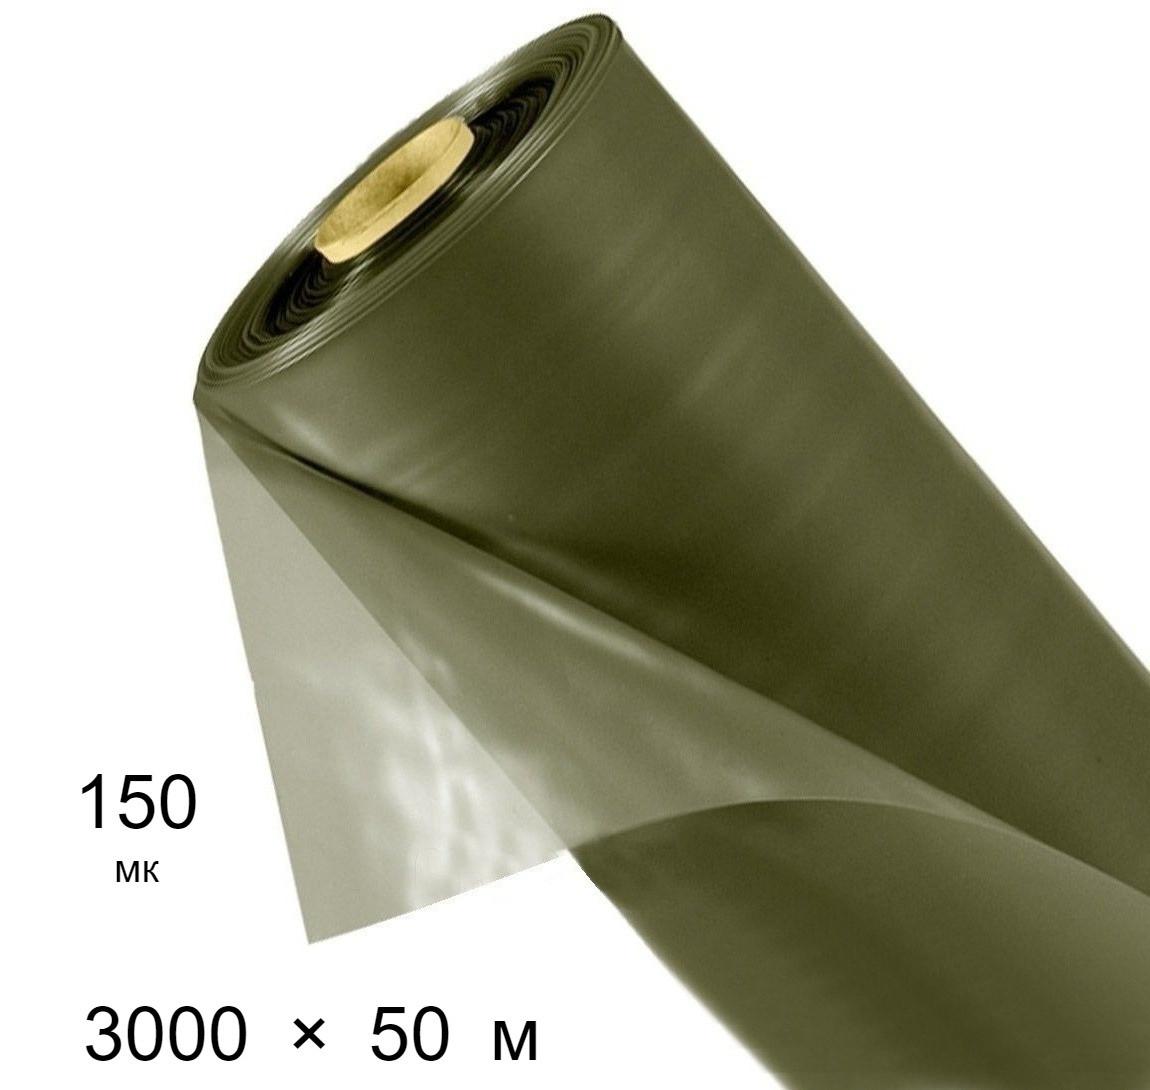 Пленка строительная 150 мкм - 3000 мм × 50 м